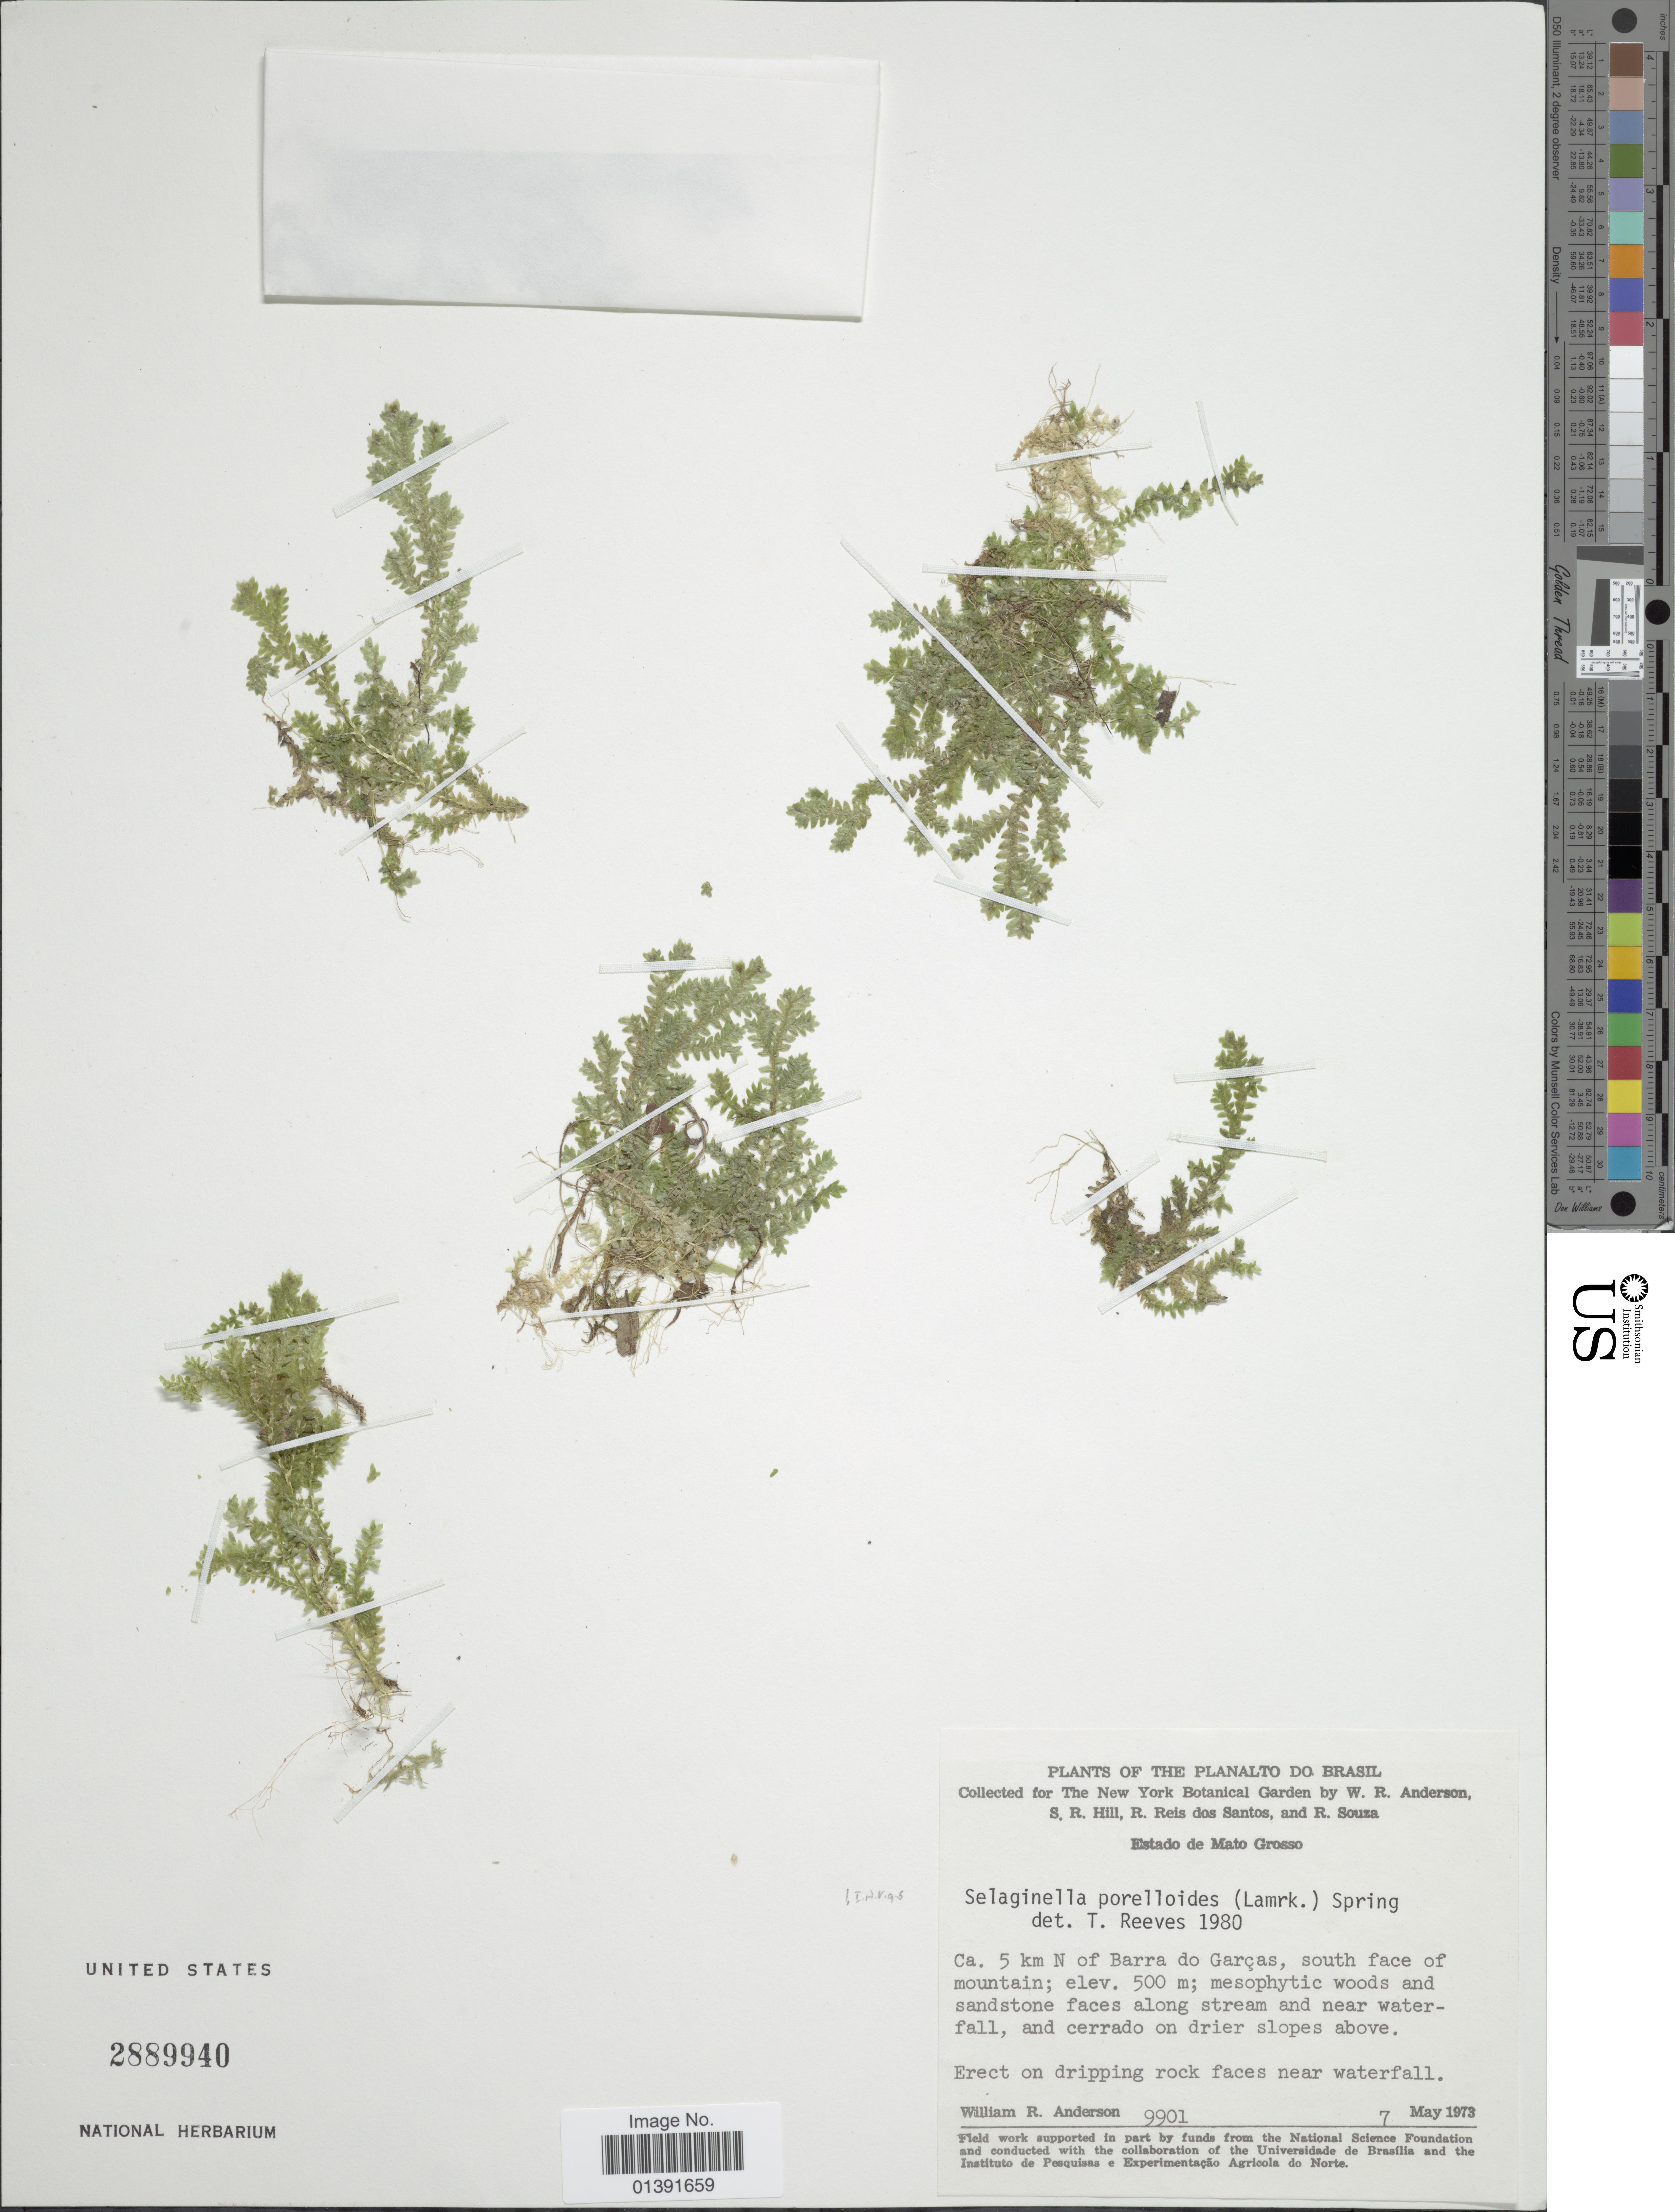 Image of <i>Selaginella porelloides</i> (Lam.) Spring